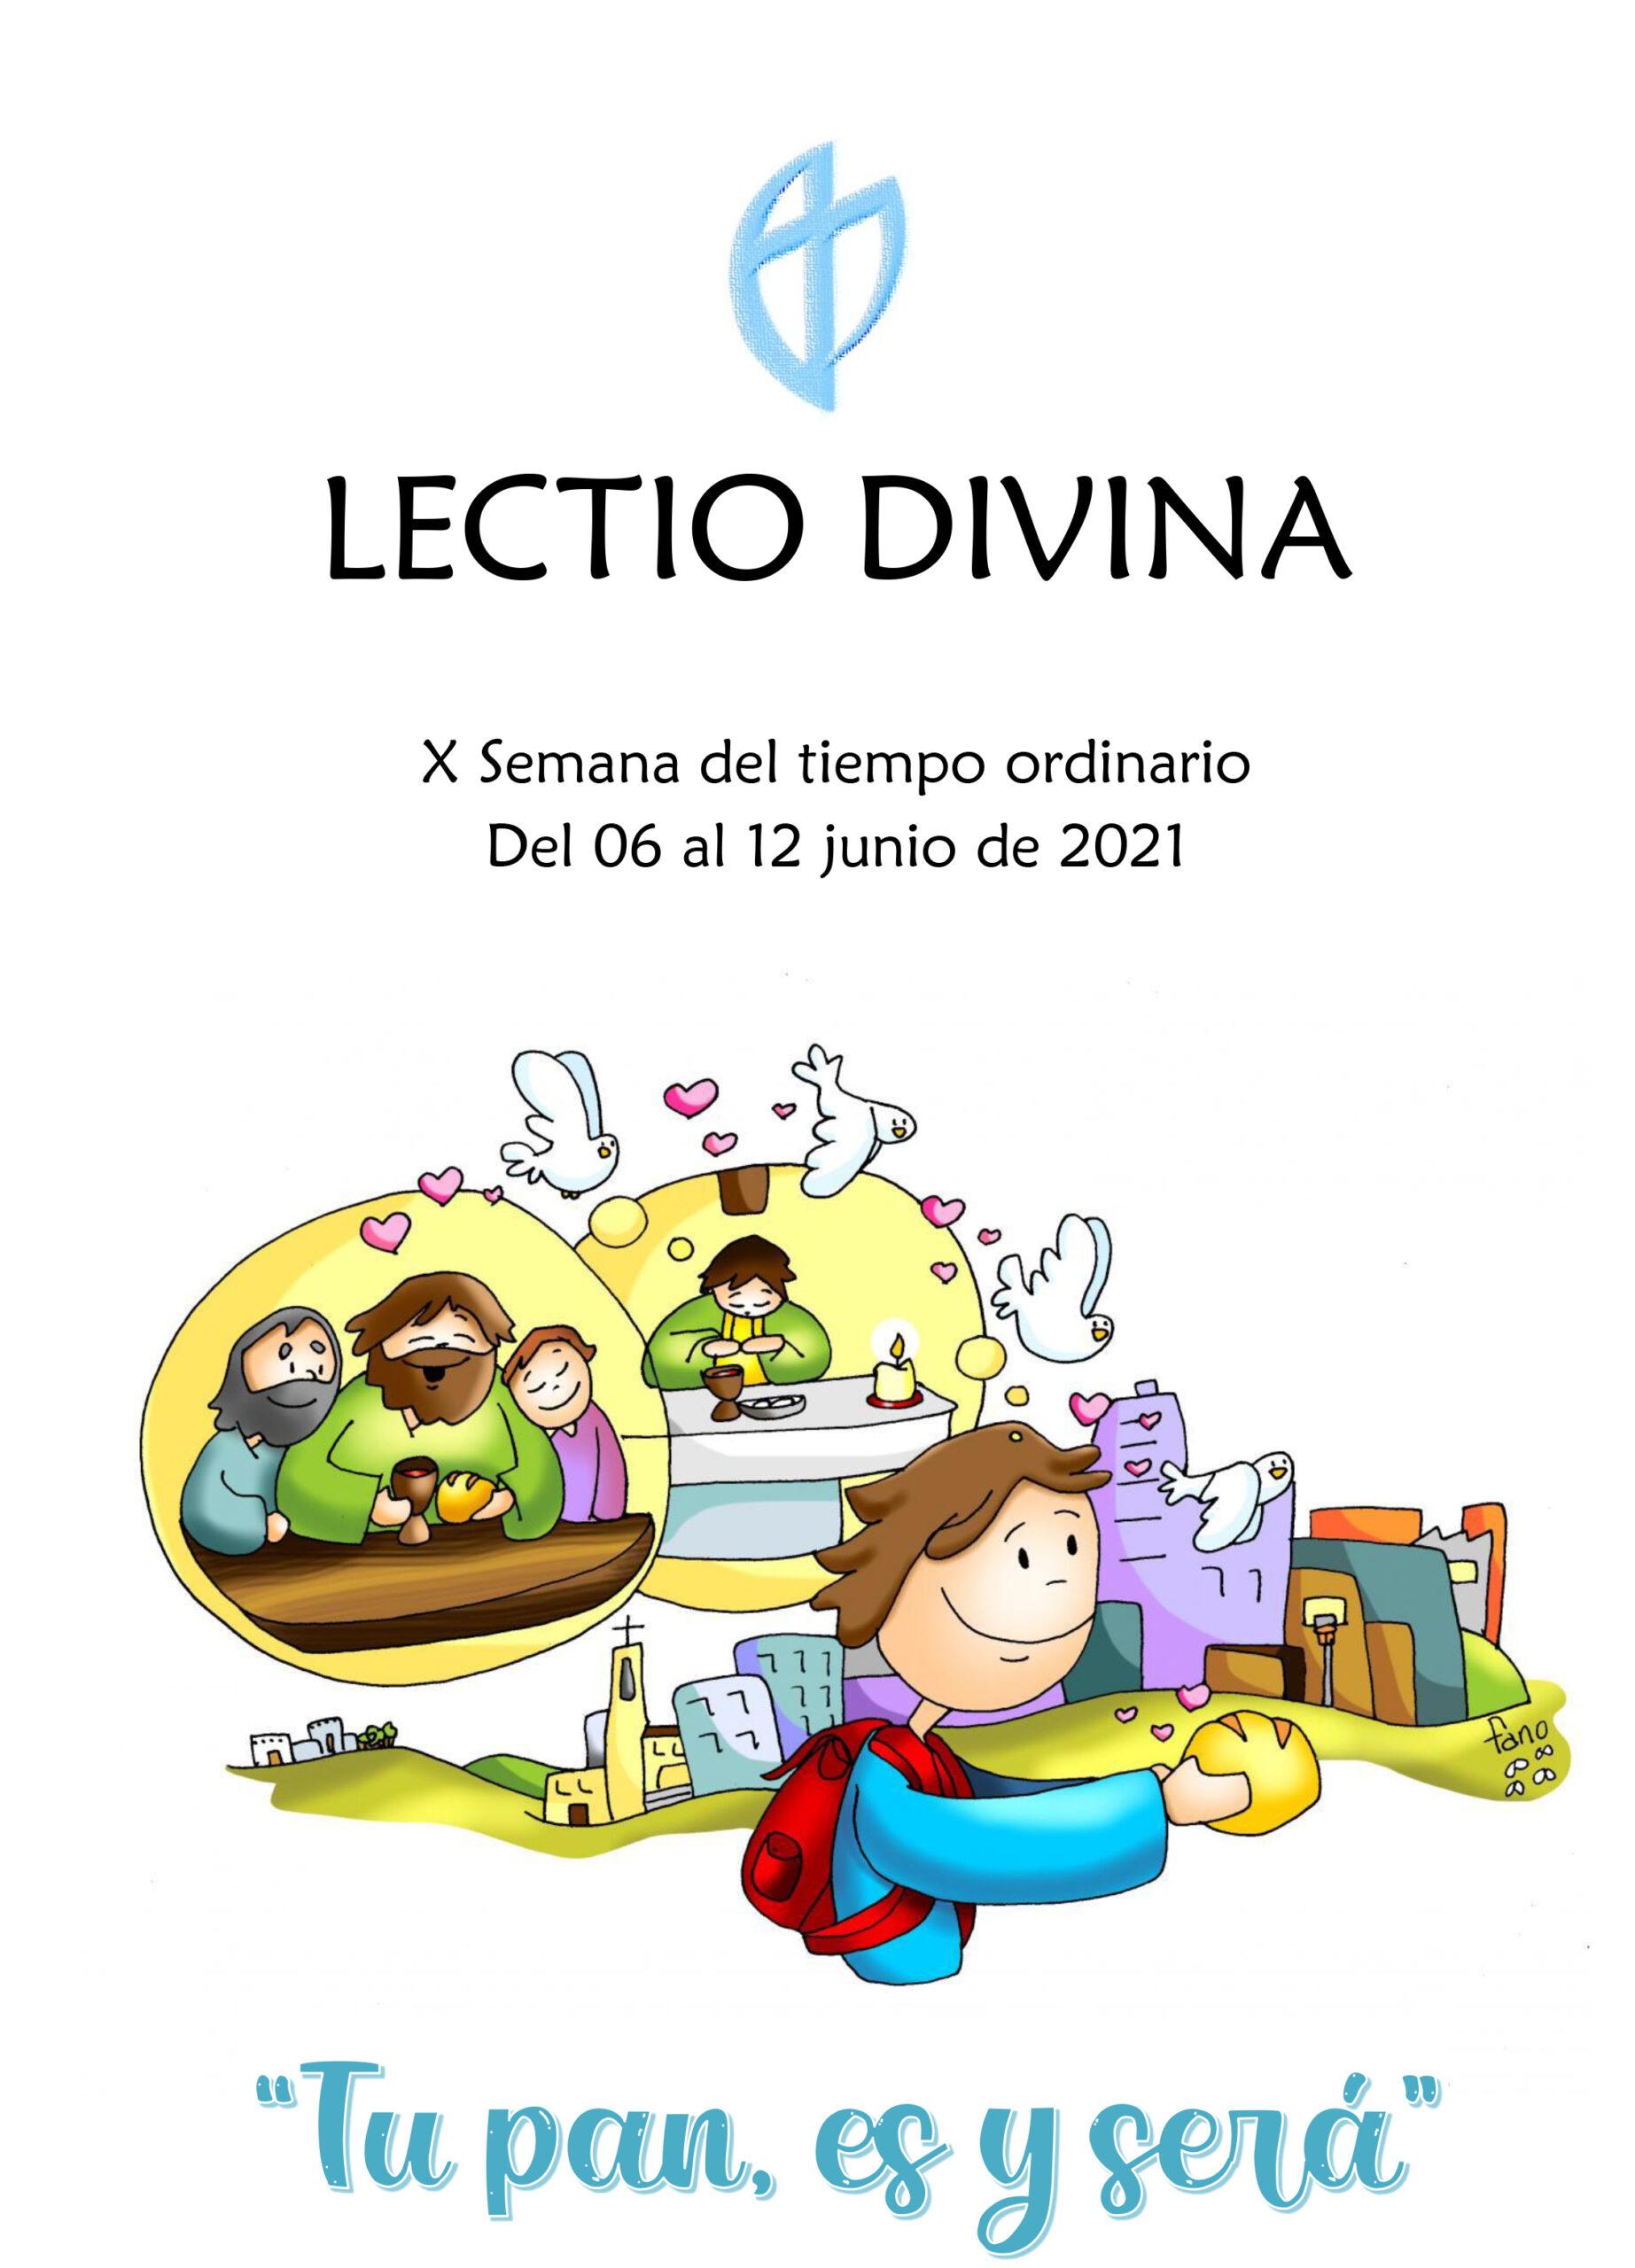 X Semana del tiempo ordinario Del 06 al 12 junio de 2021